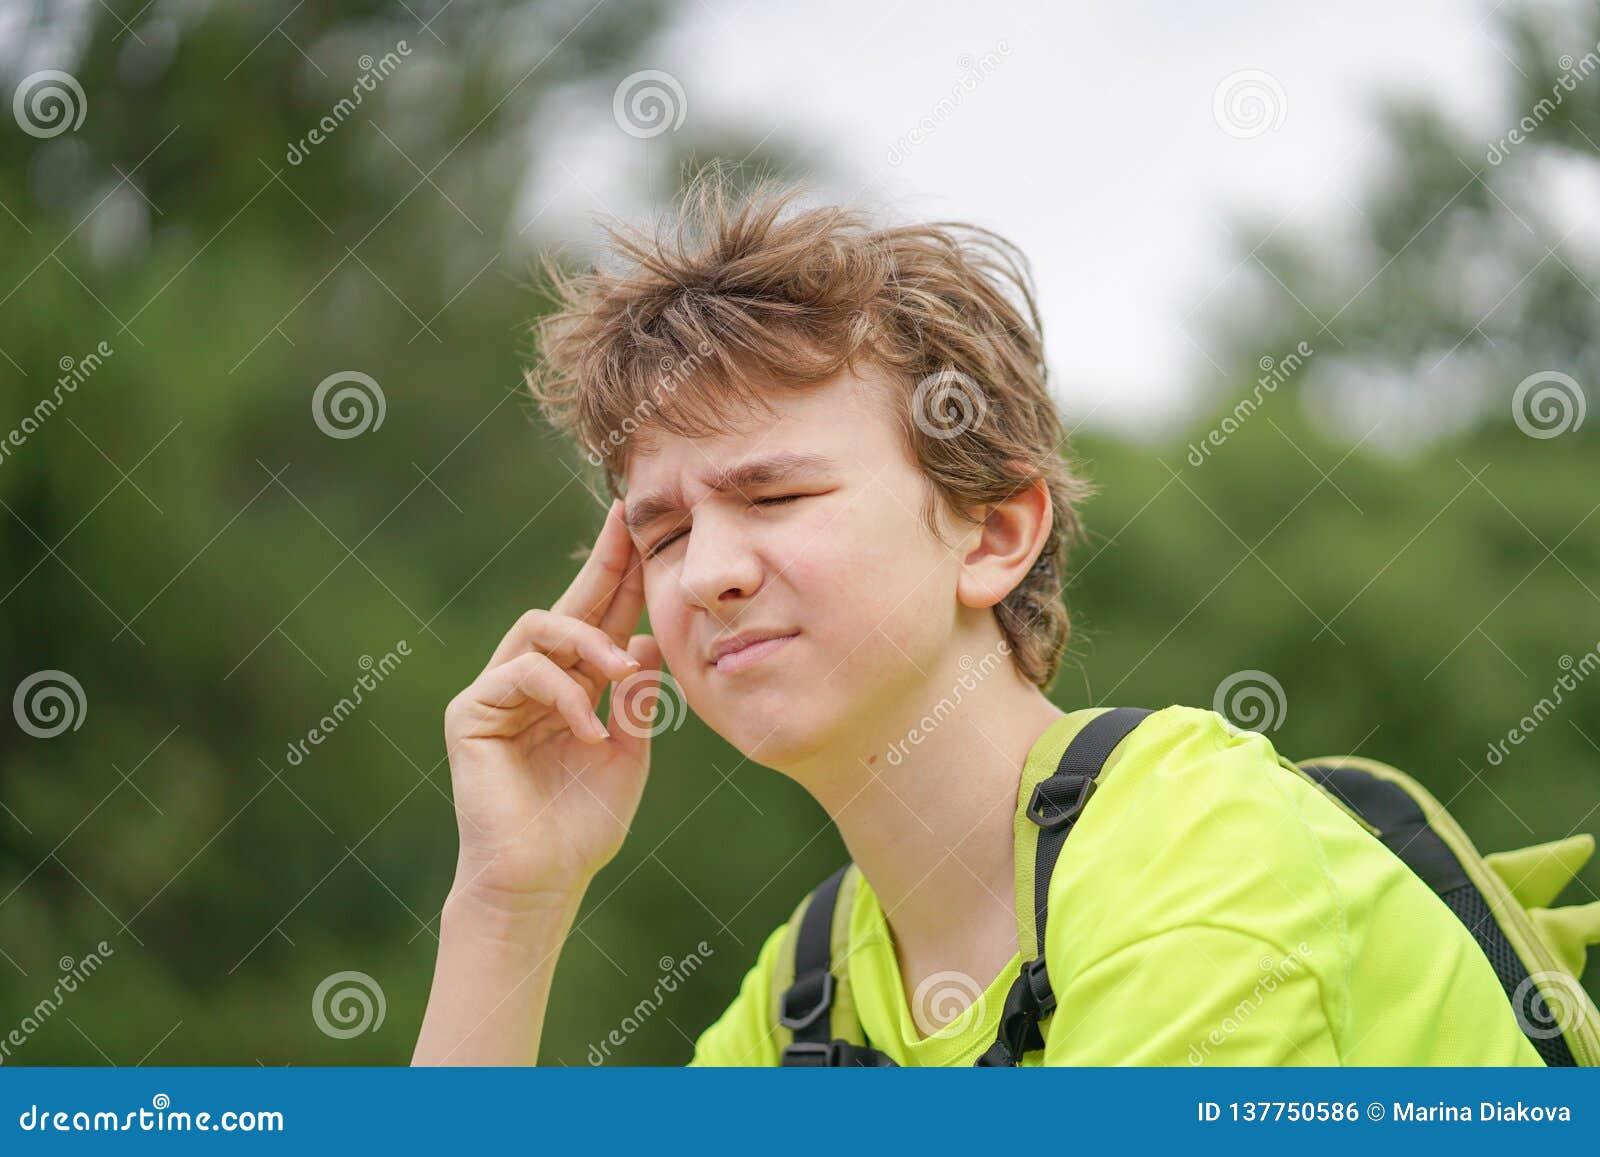 Молодой парень подростка страдает от головной боли он держит его руки к его голове и вздрагиваниям дискомфорта, сидя на природе